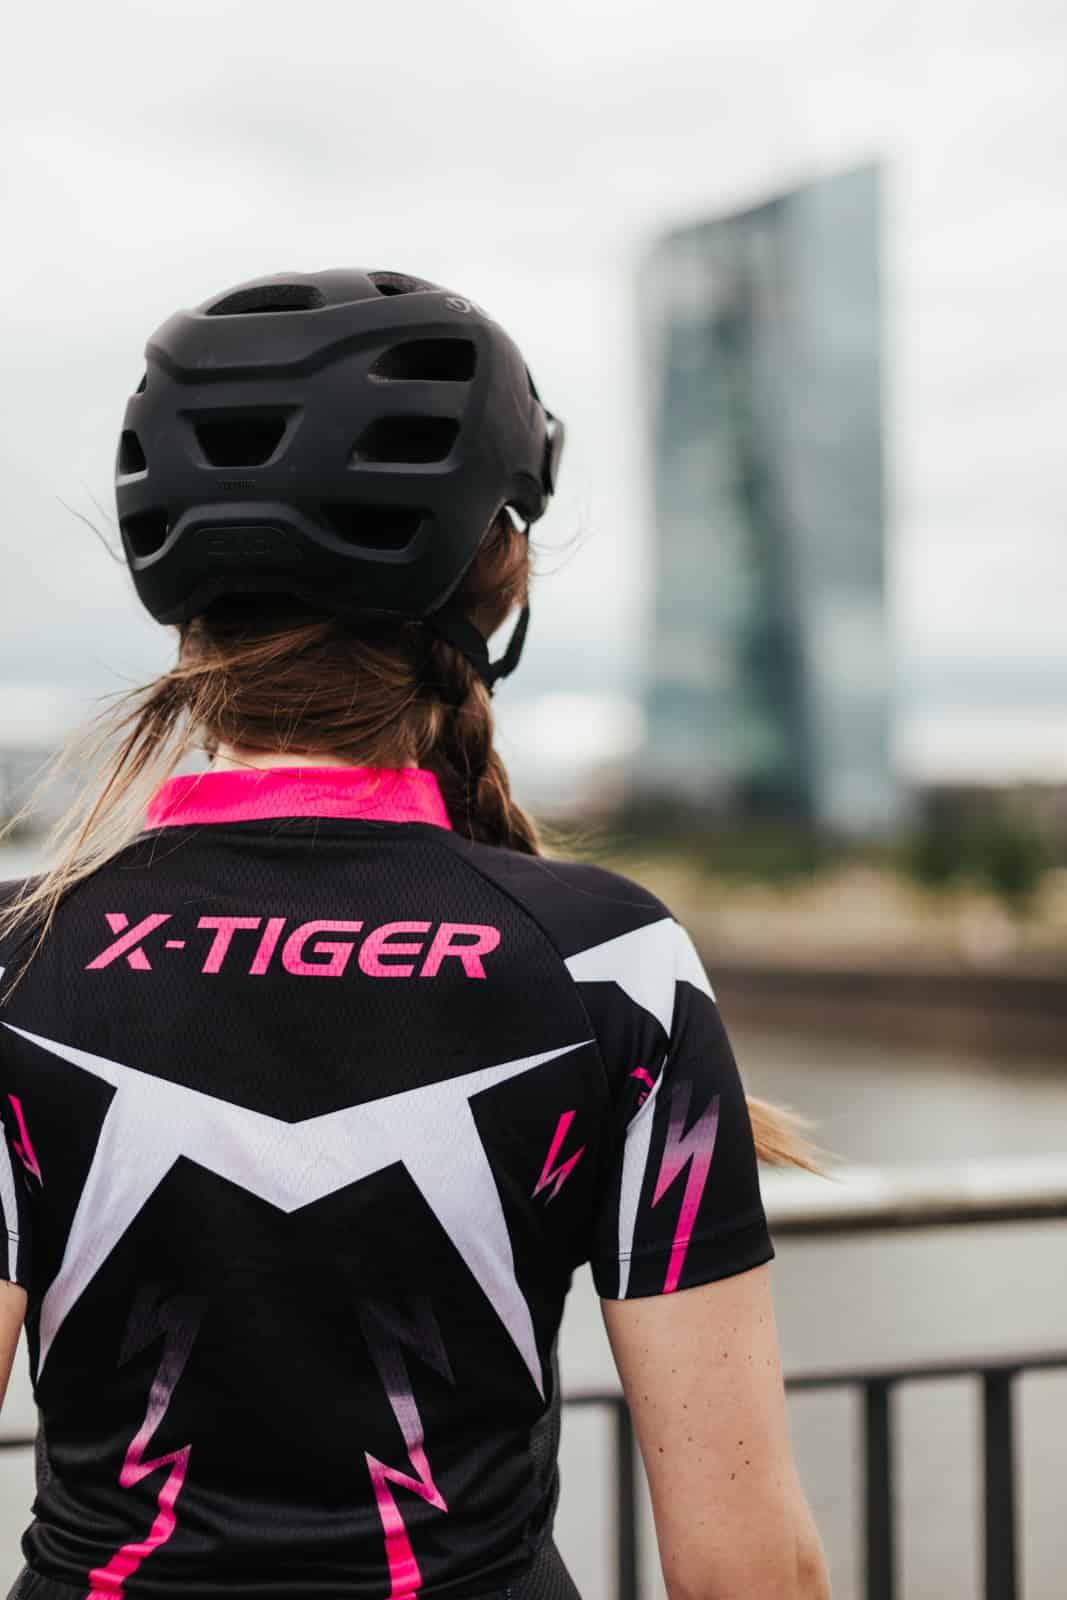 Frau von hinten mit Fahrradhelm in schwarz und x-tiger Oberteil